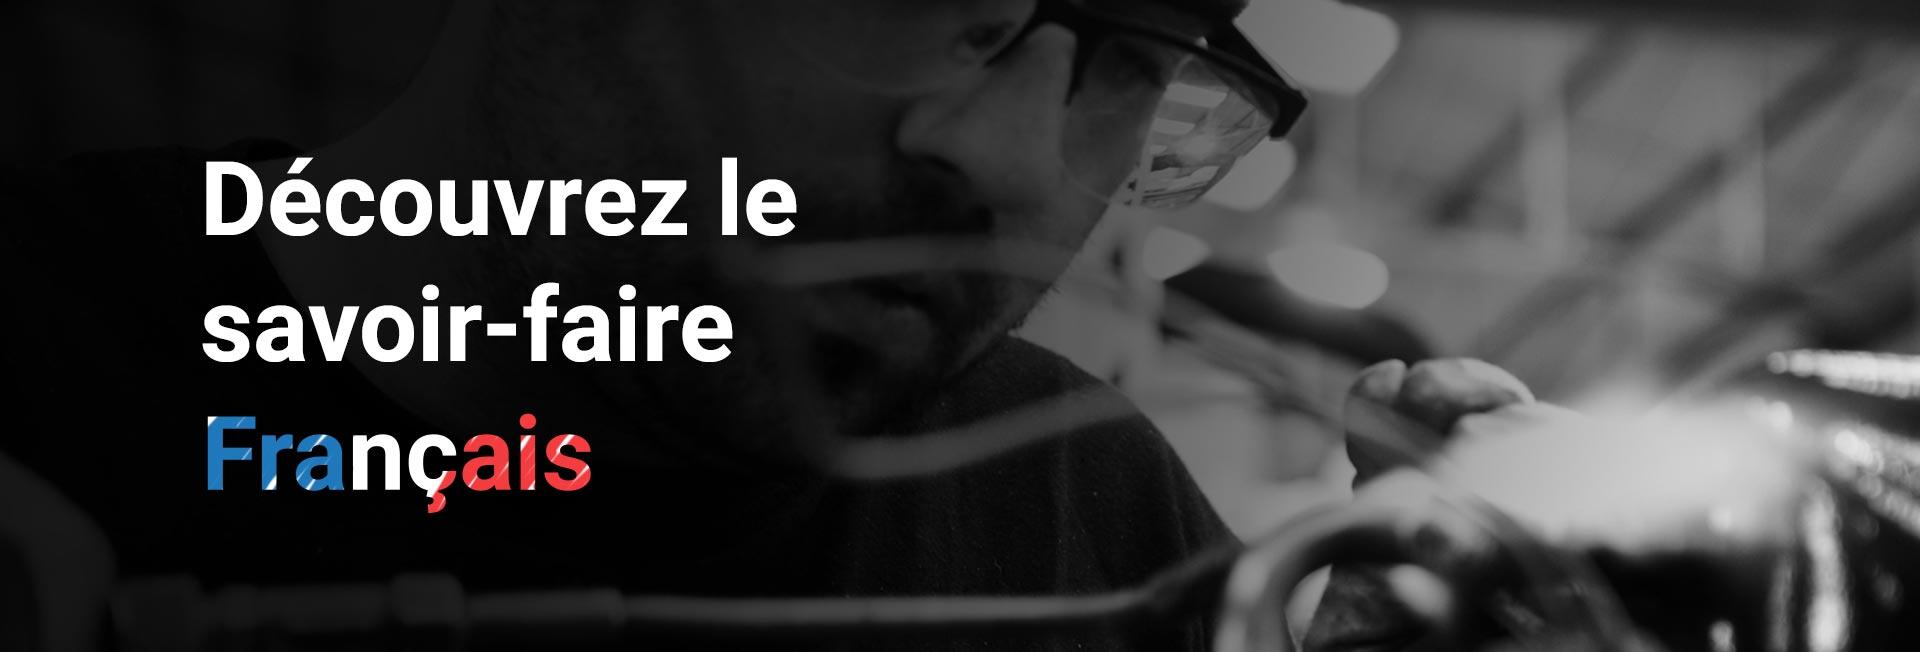 Découvrez-le-savoir-faire-francais-amzair-industrie-pompe-a-chaleur-francaises-v3